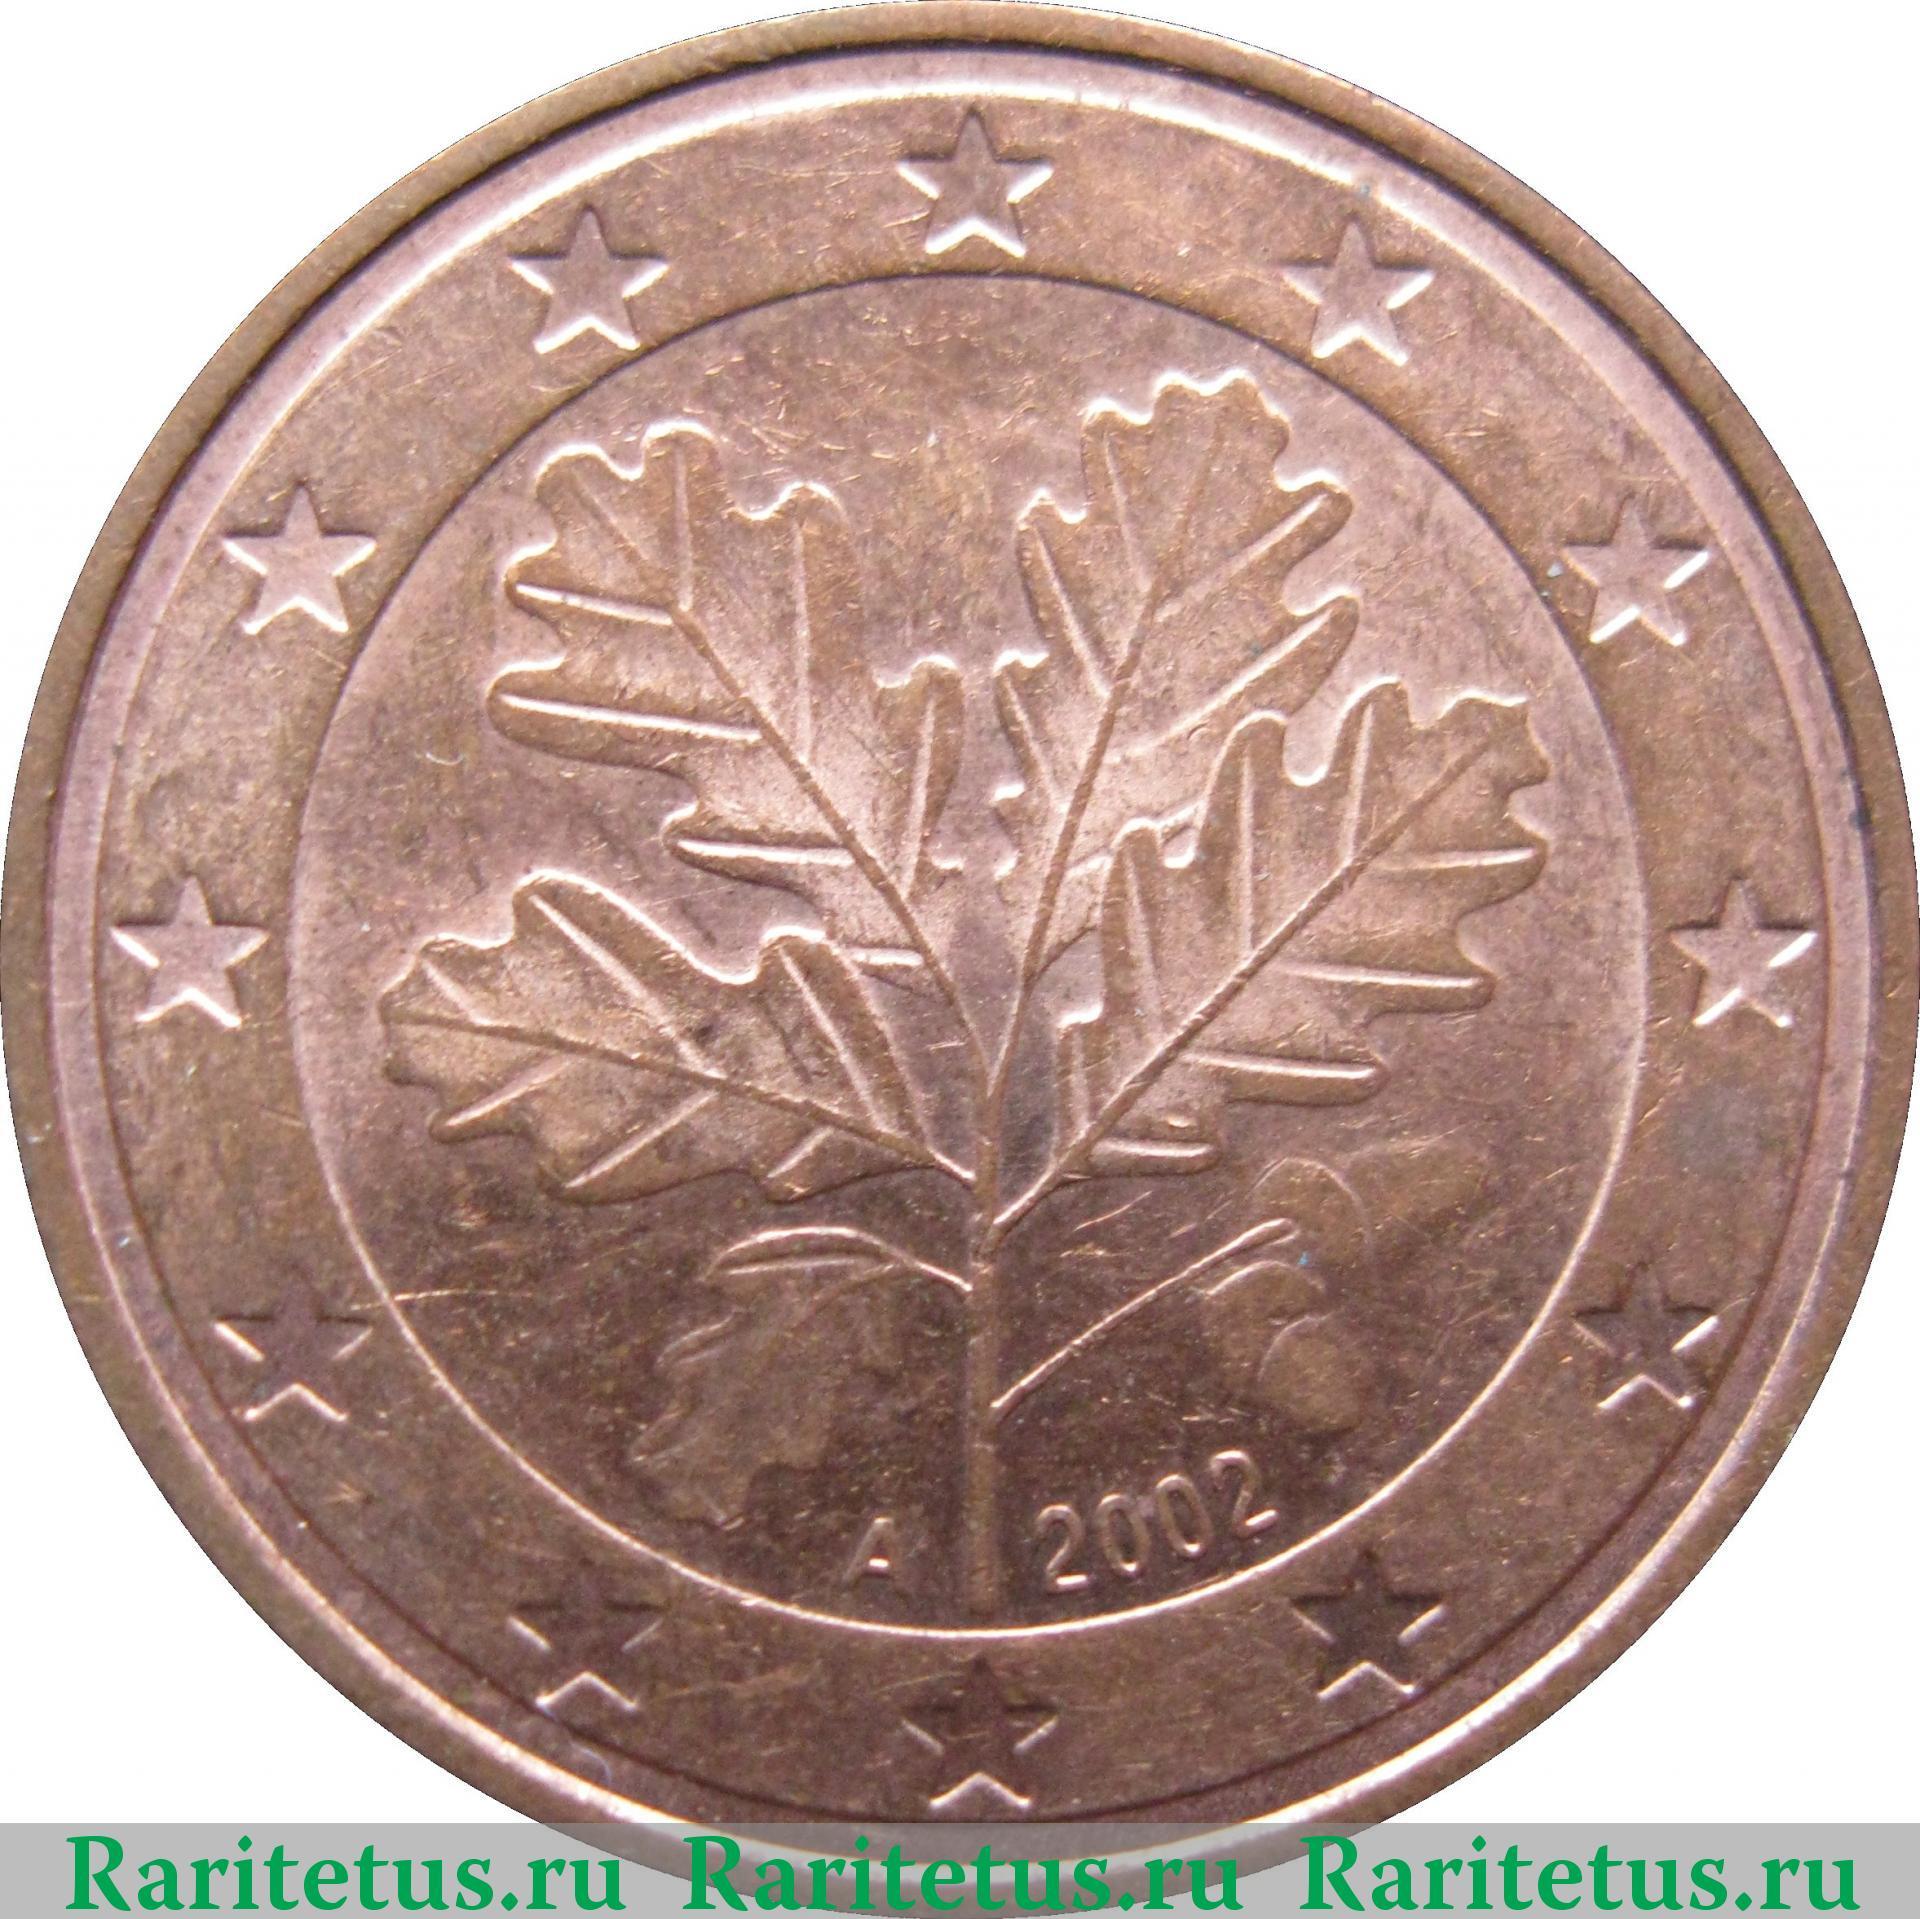 Разменная монета евро название монета 10 рублей челябинская область 2014 цена